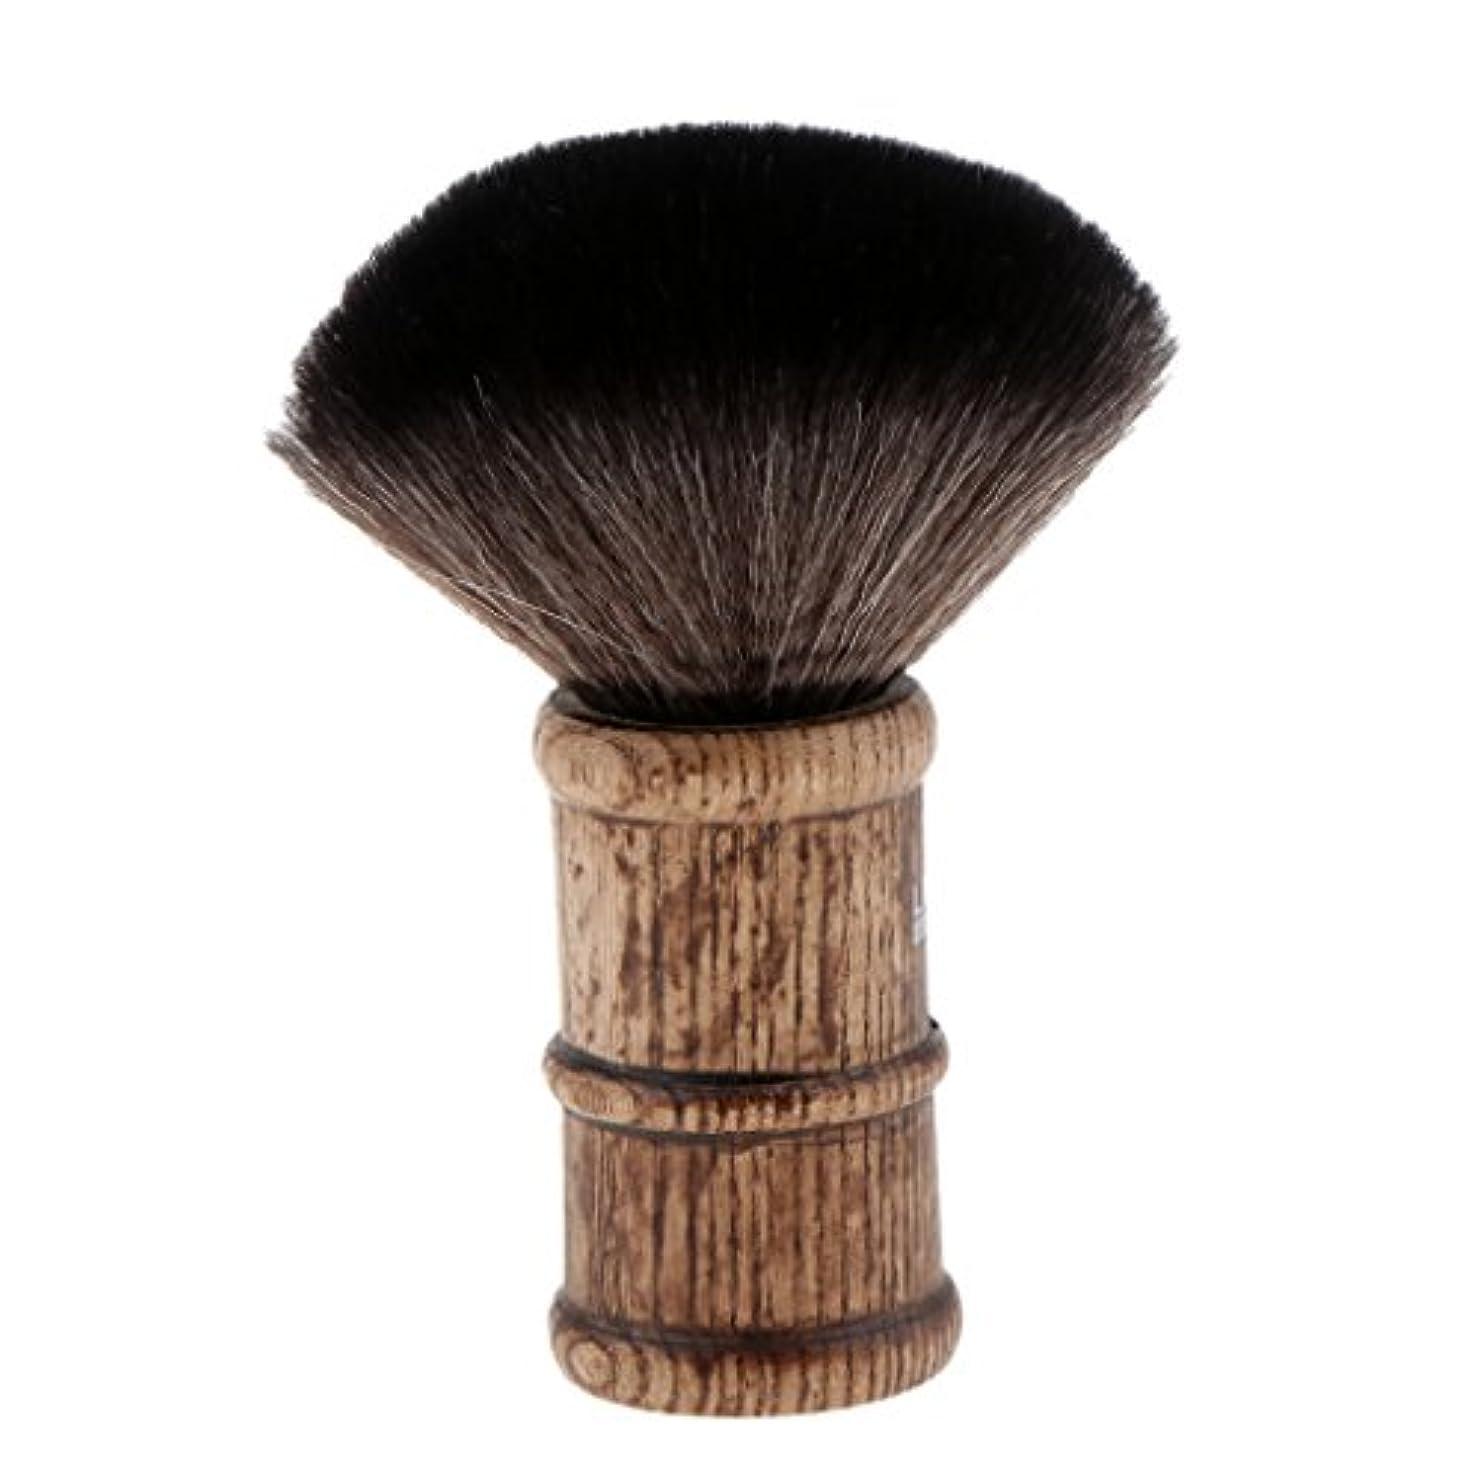 サイズ彼らの規則性ヘアカット ブラシ ネックダスターブラシ 散髪ブラシ 柔らかい フェイスブラシ 2色選べる - ブラック